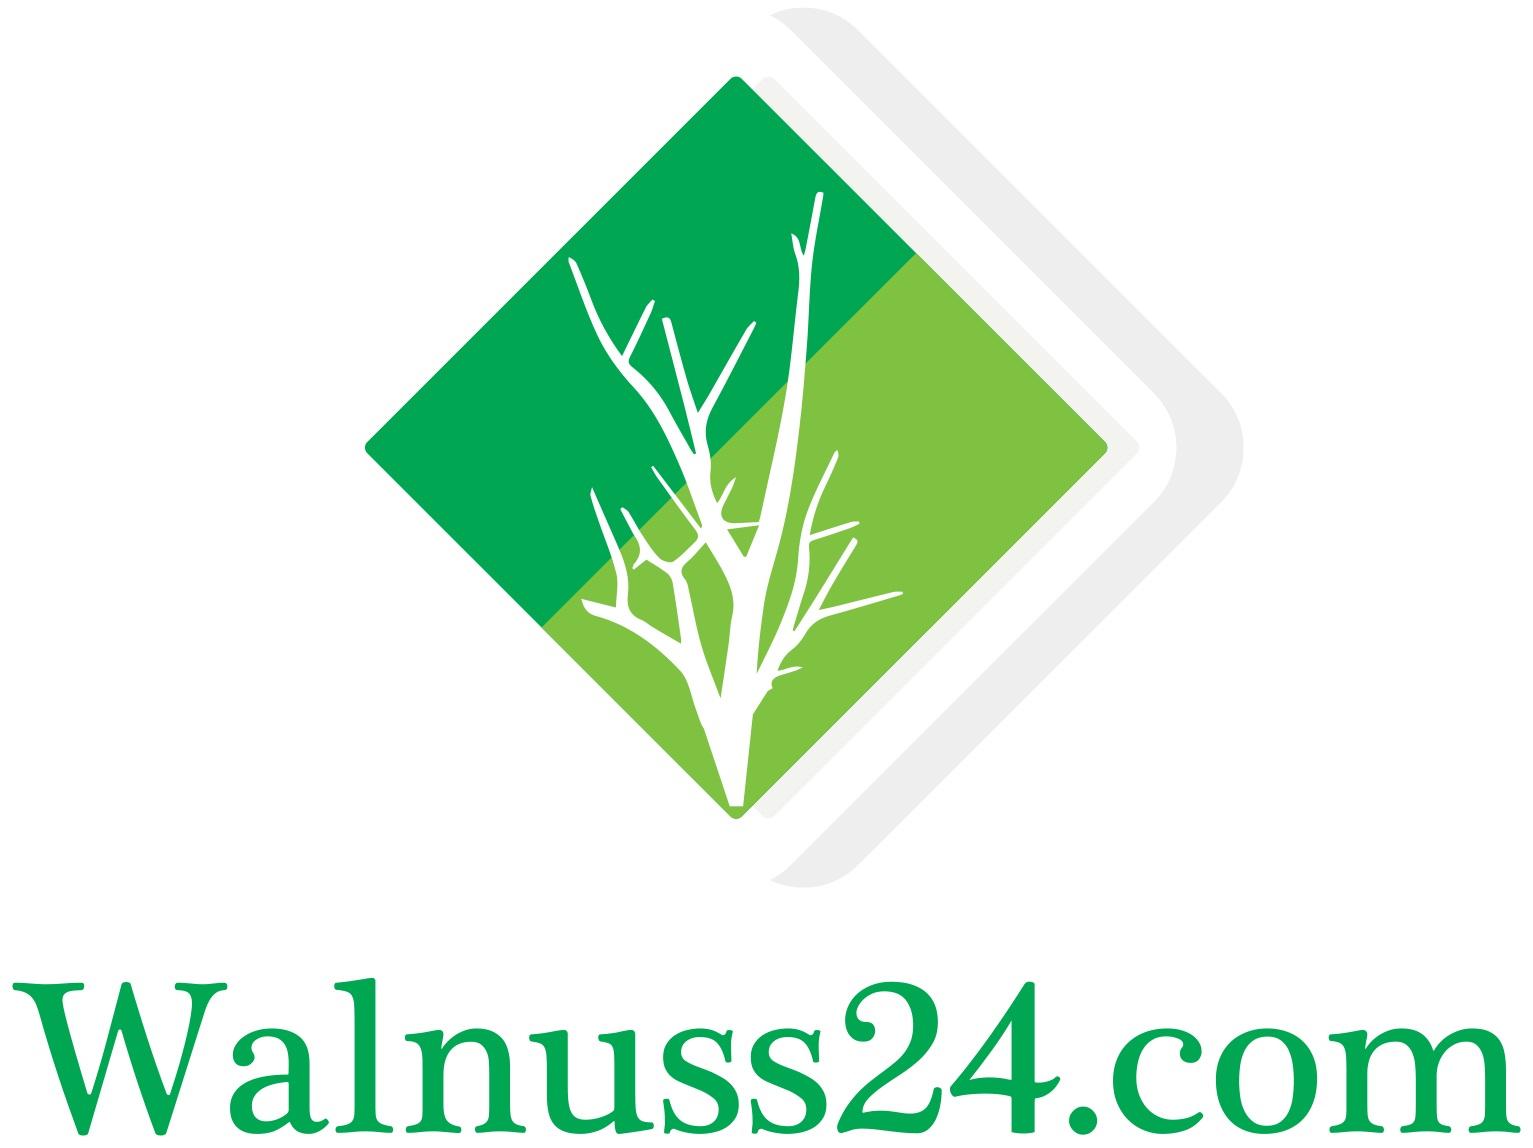 Walnuss 24 logo 1